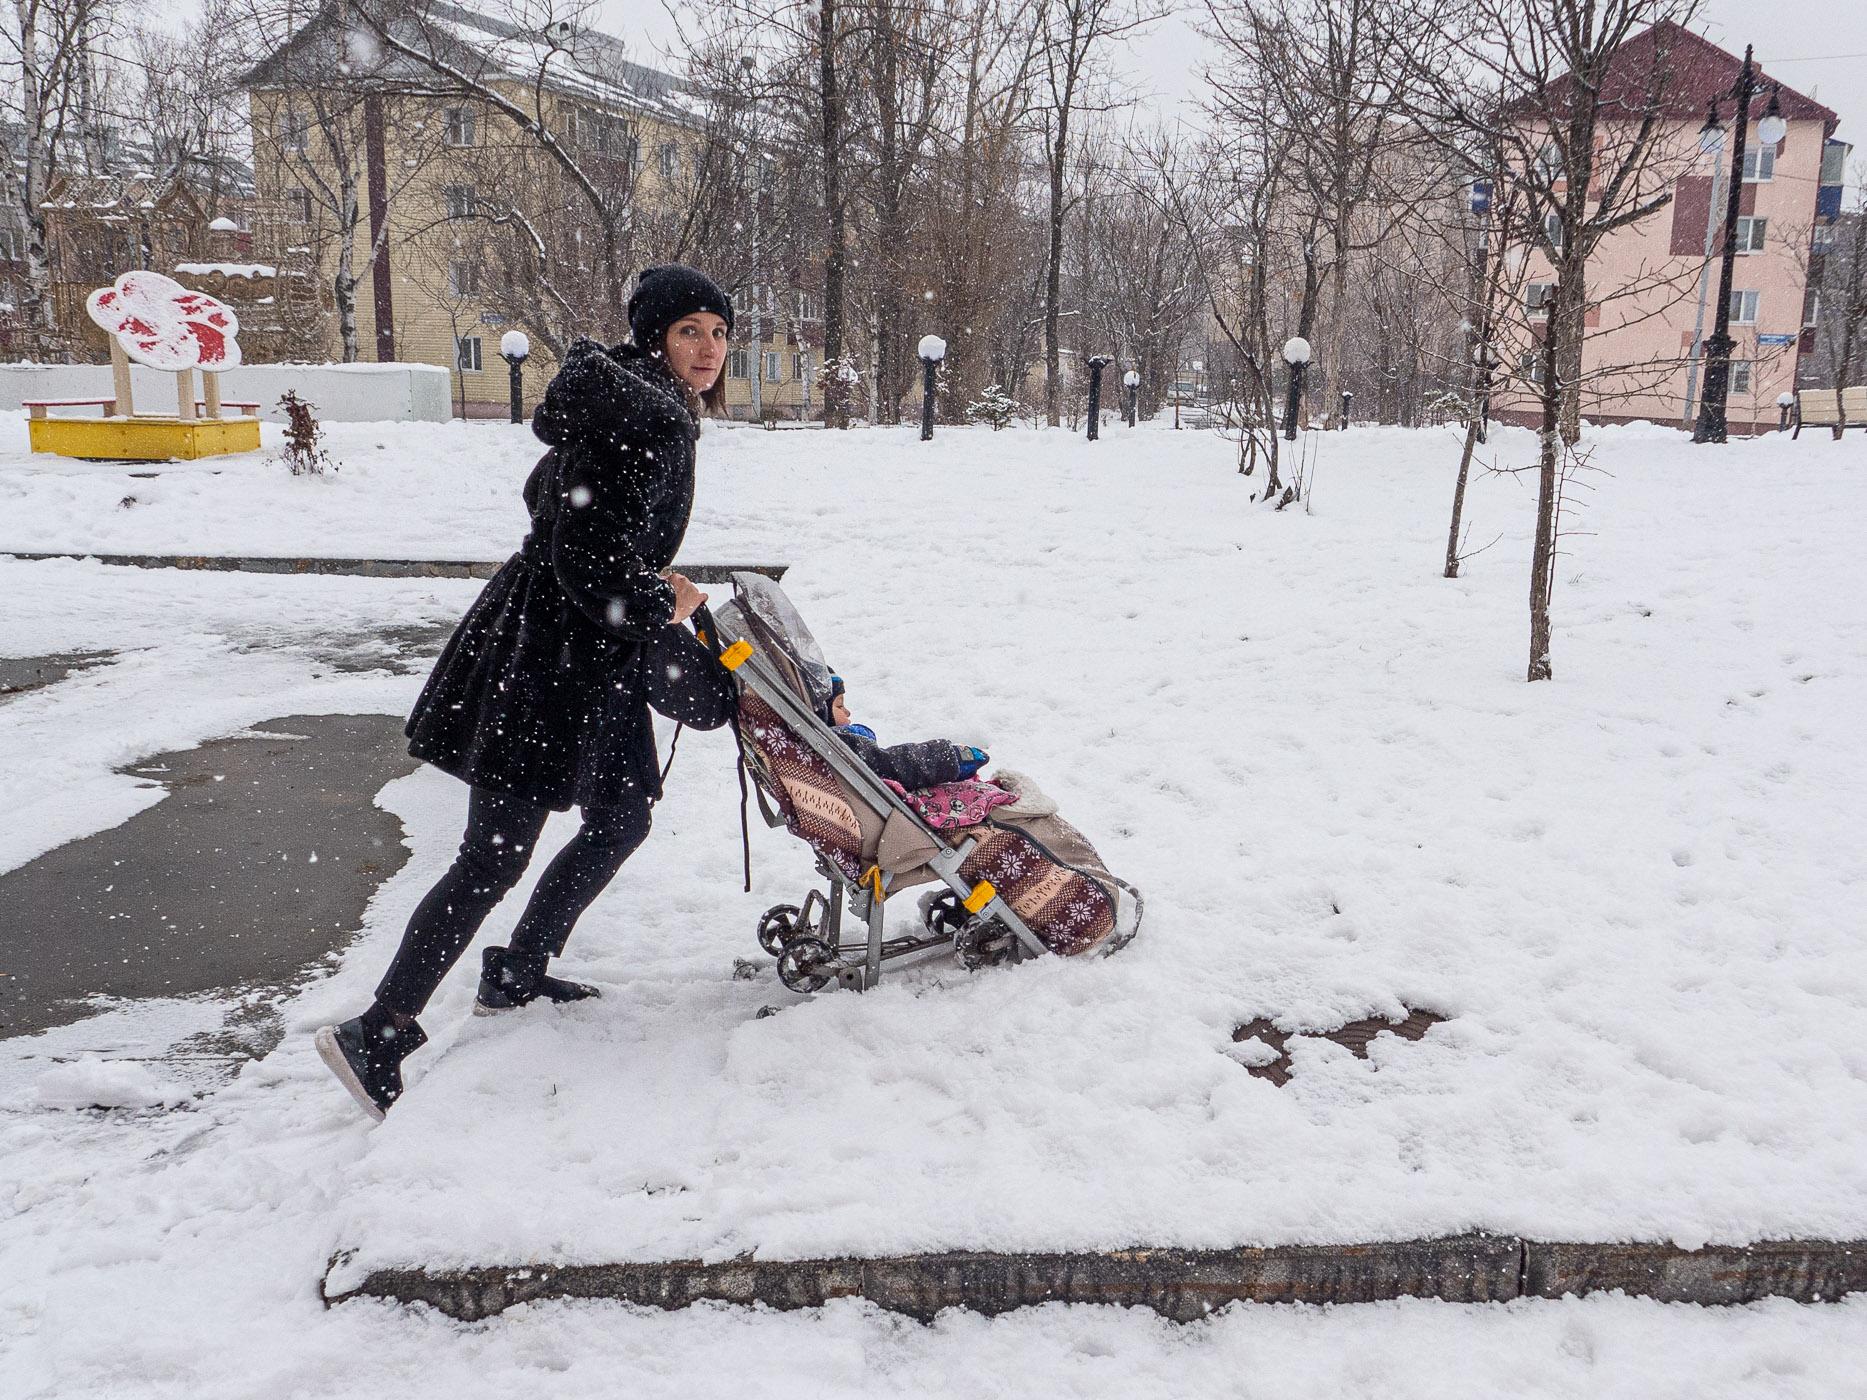 ユジノサハリンスクで見かけたベビーカー